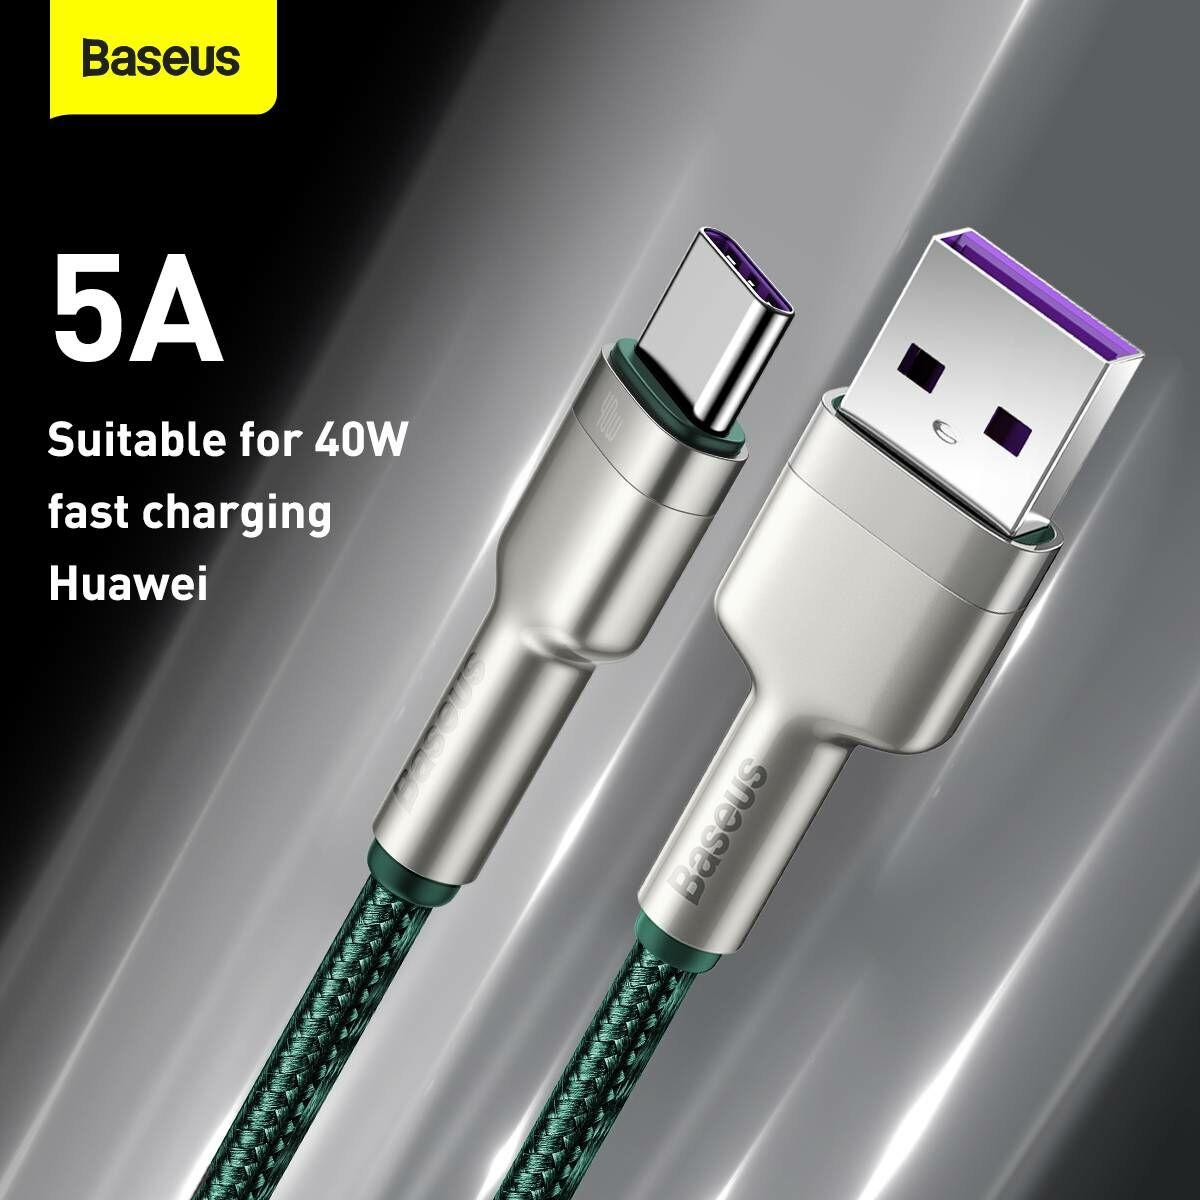 Baseus Type-C kábel, Cafule Series, gyorstötlő és adatkábel, 40W, 5A, 2m, zöld (CATJK-B06)